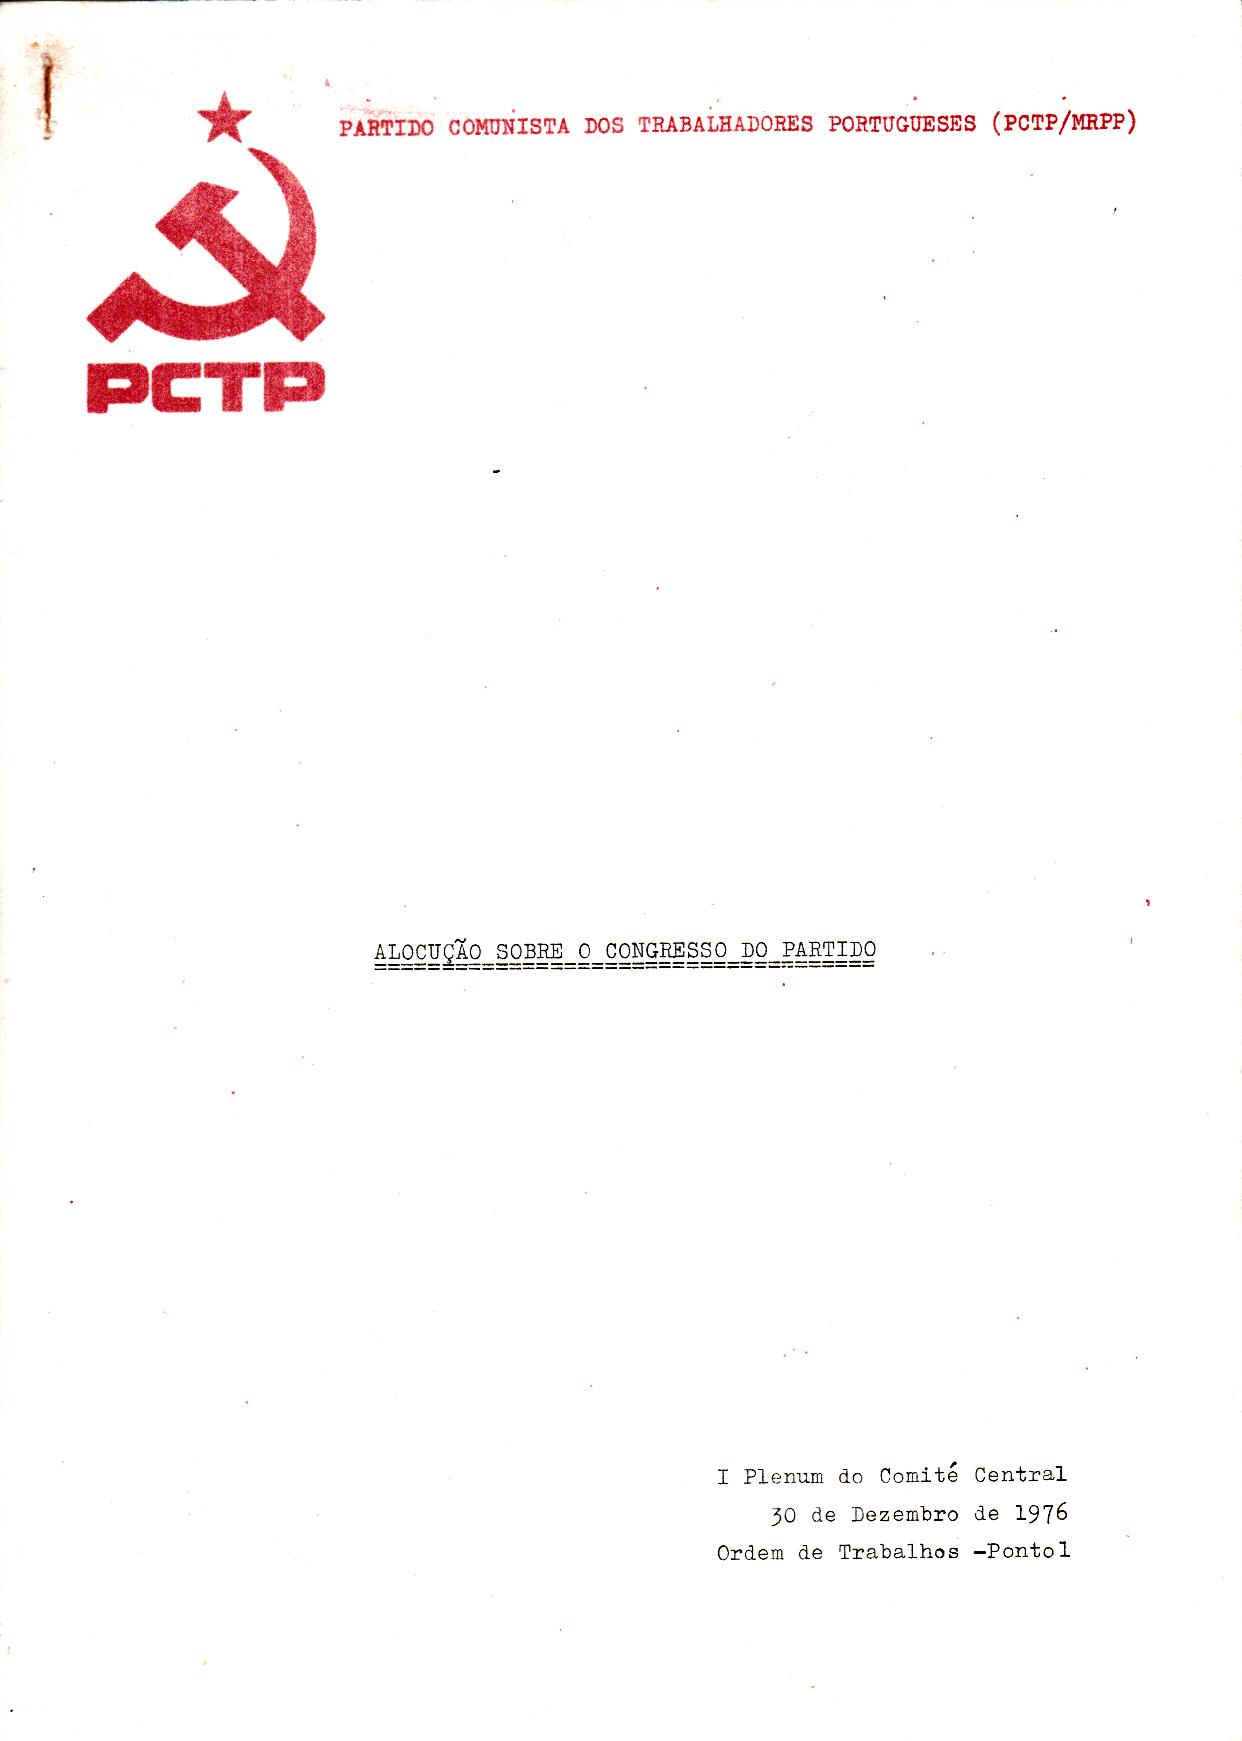 MRPP_1976_12_30_b